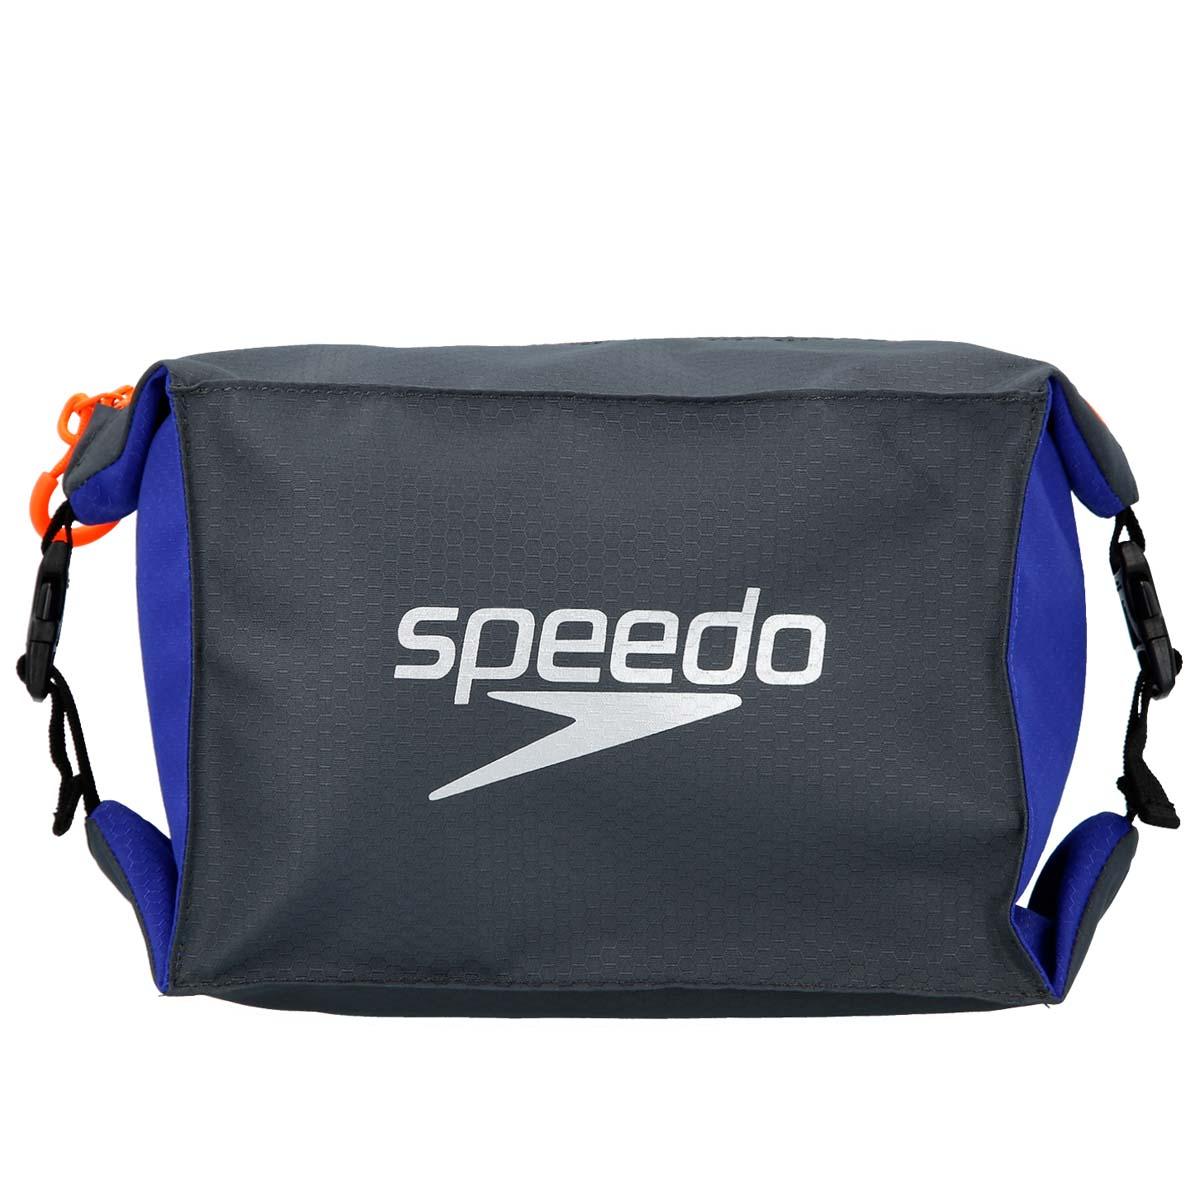 Мешок для мокрых вещей Speedo, цвет: серый, фиолетовый8-09191C299Практичная и вместительная сумка-мешок идеально подходит для хранения вещей во время посещения бассейна. Использование сетки в качестве материала обеспечивает прекрасную вентиляцию и позволяет вещам быстро сохнуть.